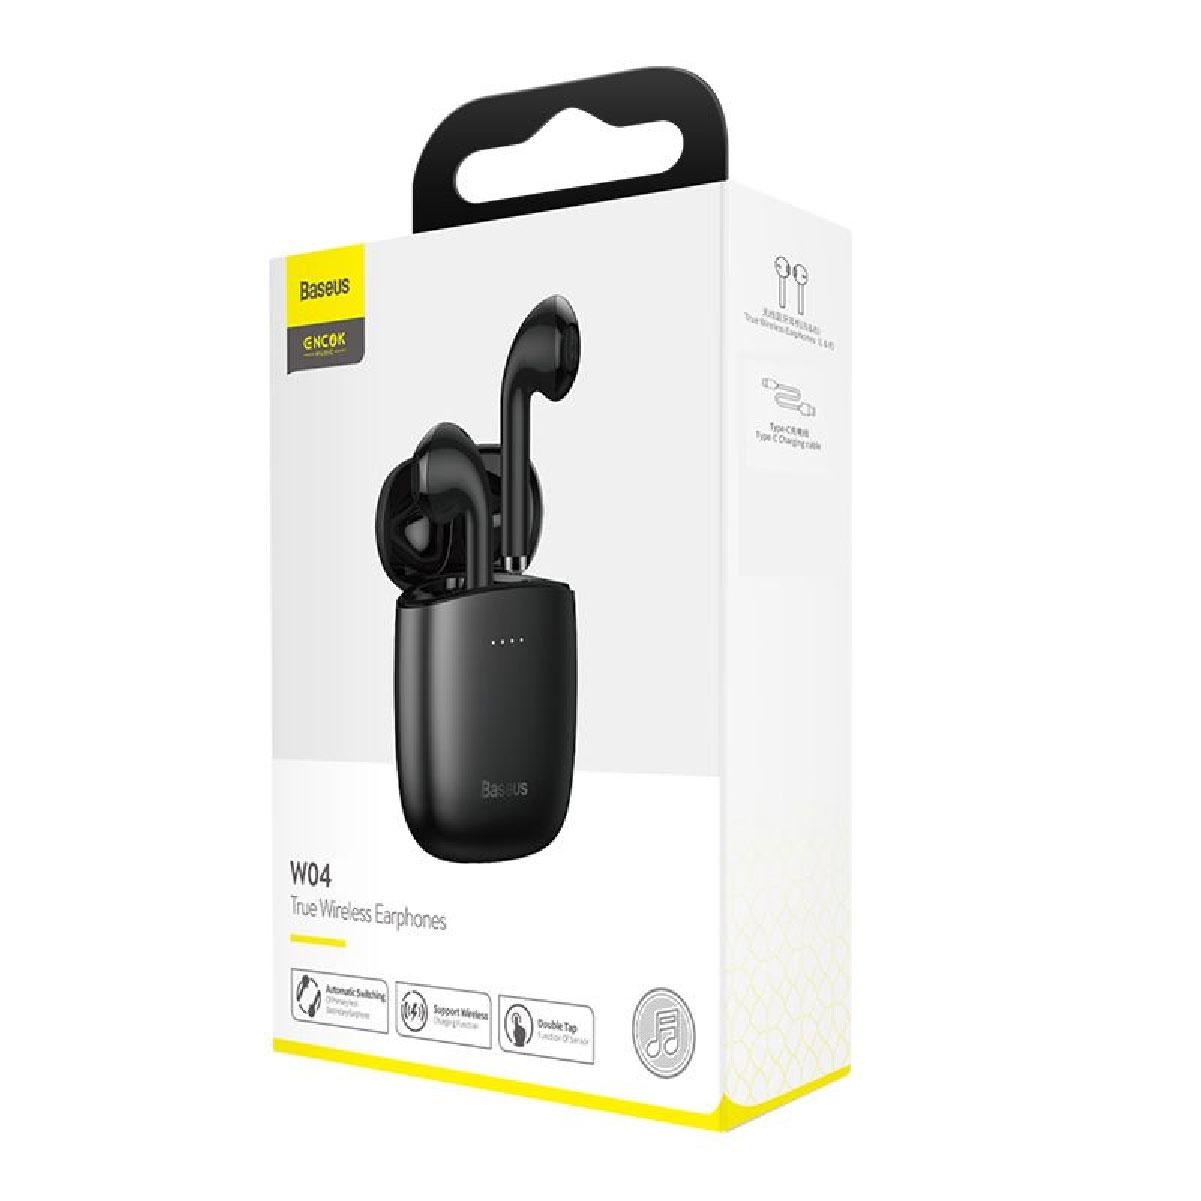 Fone de Ouvido Baseus Encok W04 TWS Bluetooth 5.0 Touch - Preto